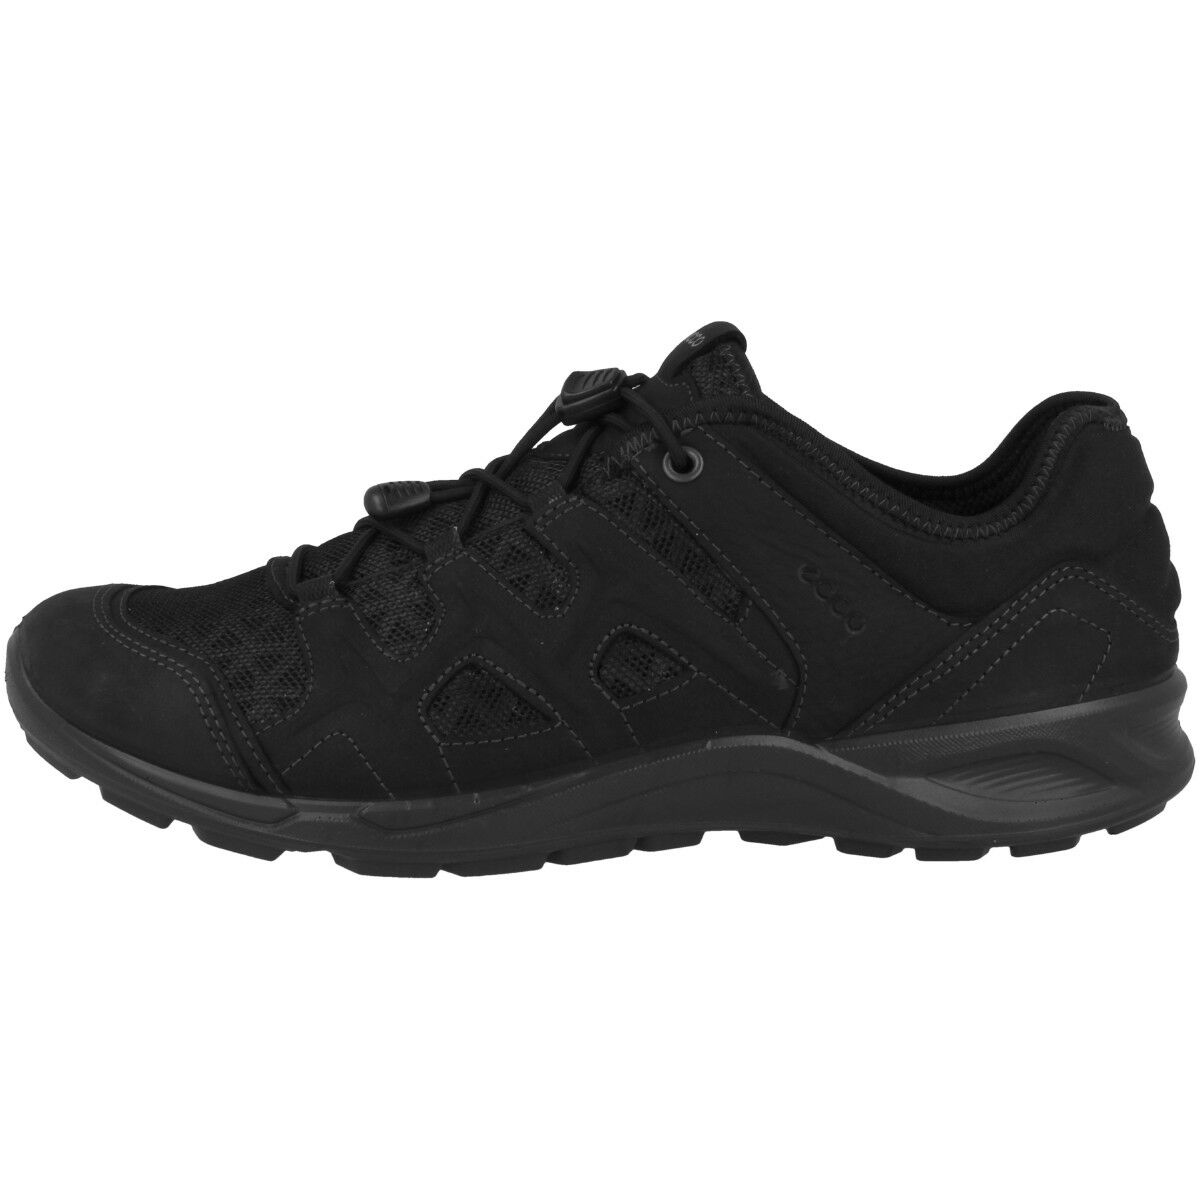 Ecco Terracruise LT Ladies Ladies Ladies Trekking Outdoor Scarpe scarpe da ginnastica nero 825763-51052 ad7f75